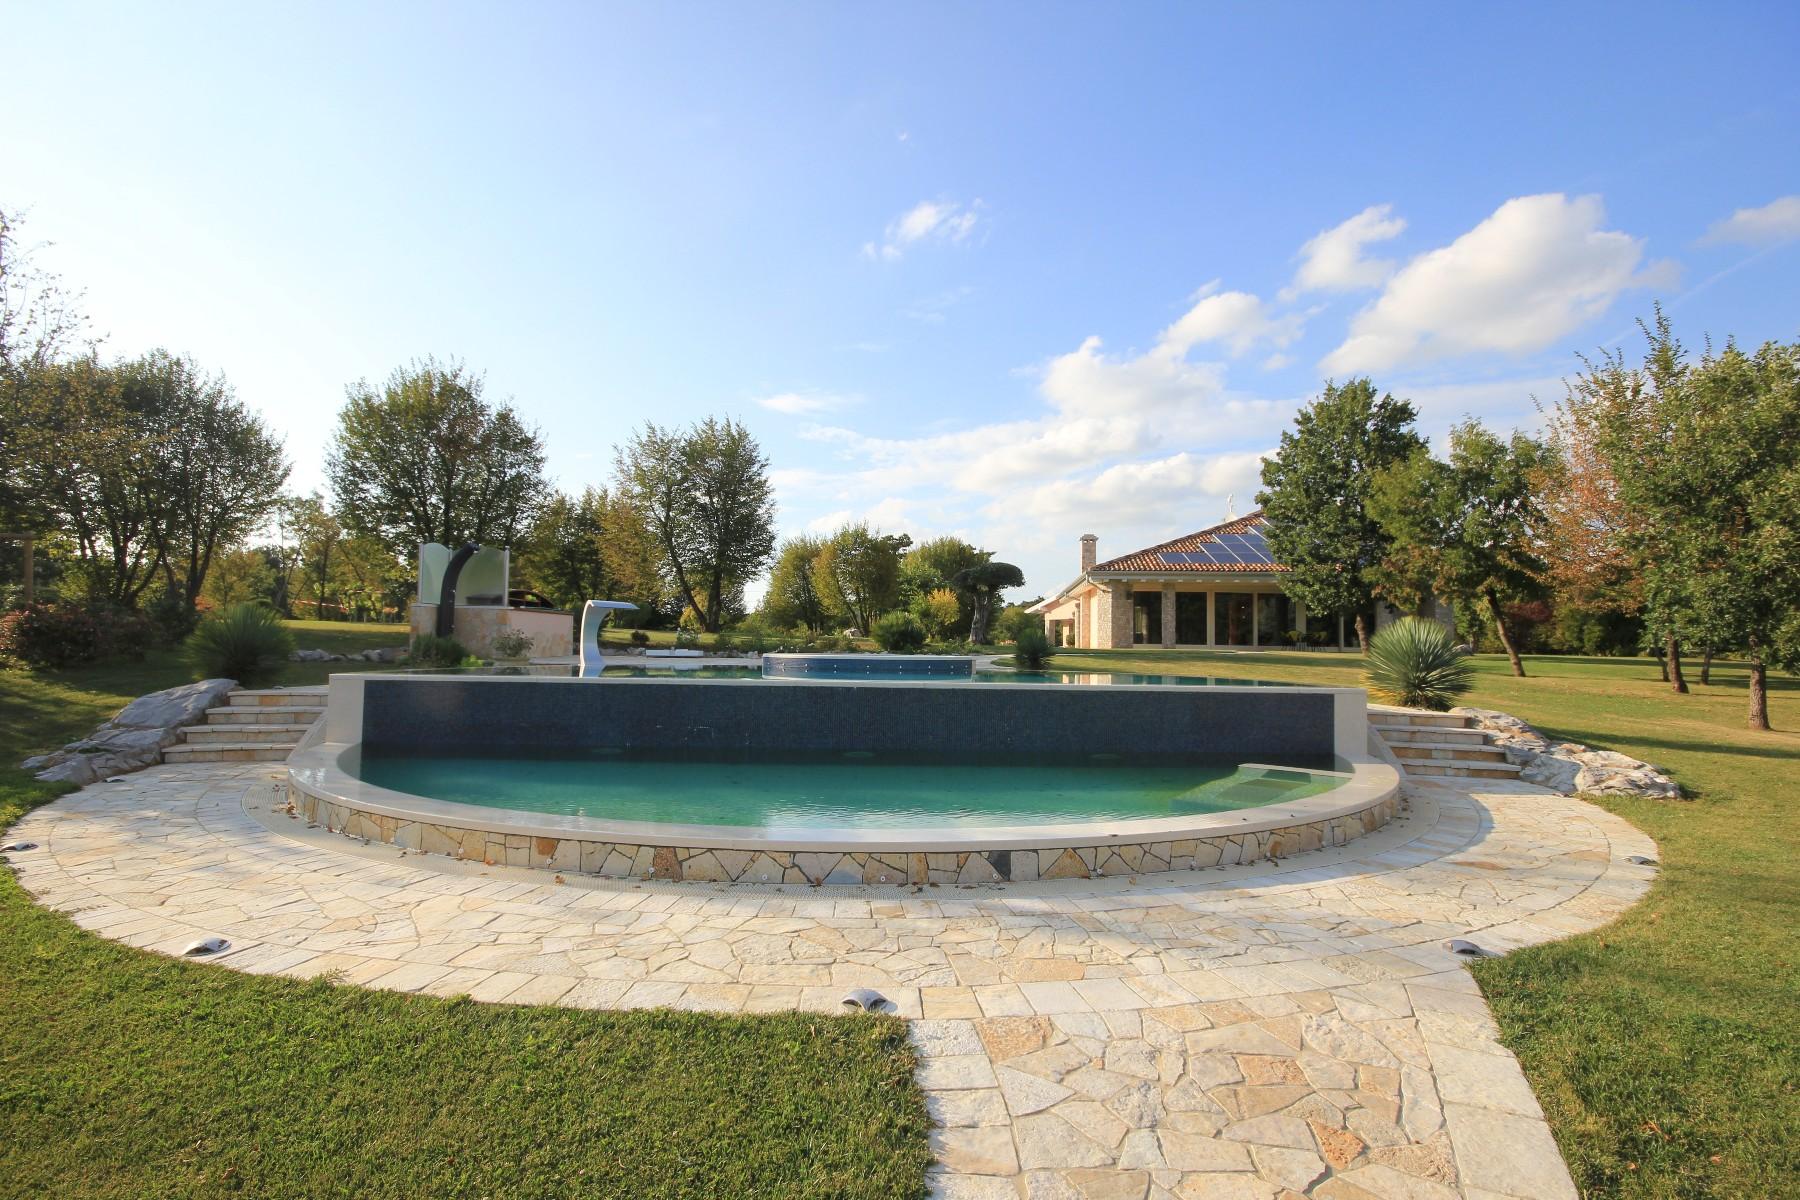 Lussuosa proprietà con esclusiva villa immersa nel parco con piscina